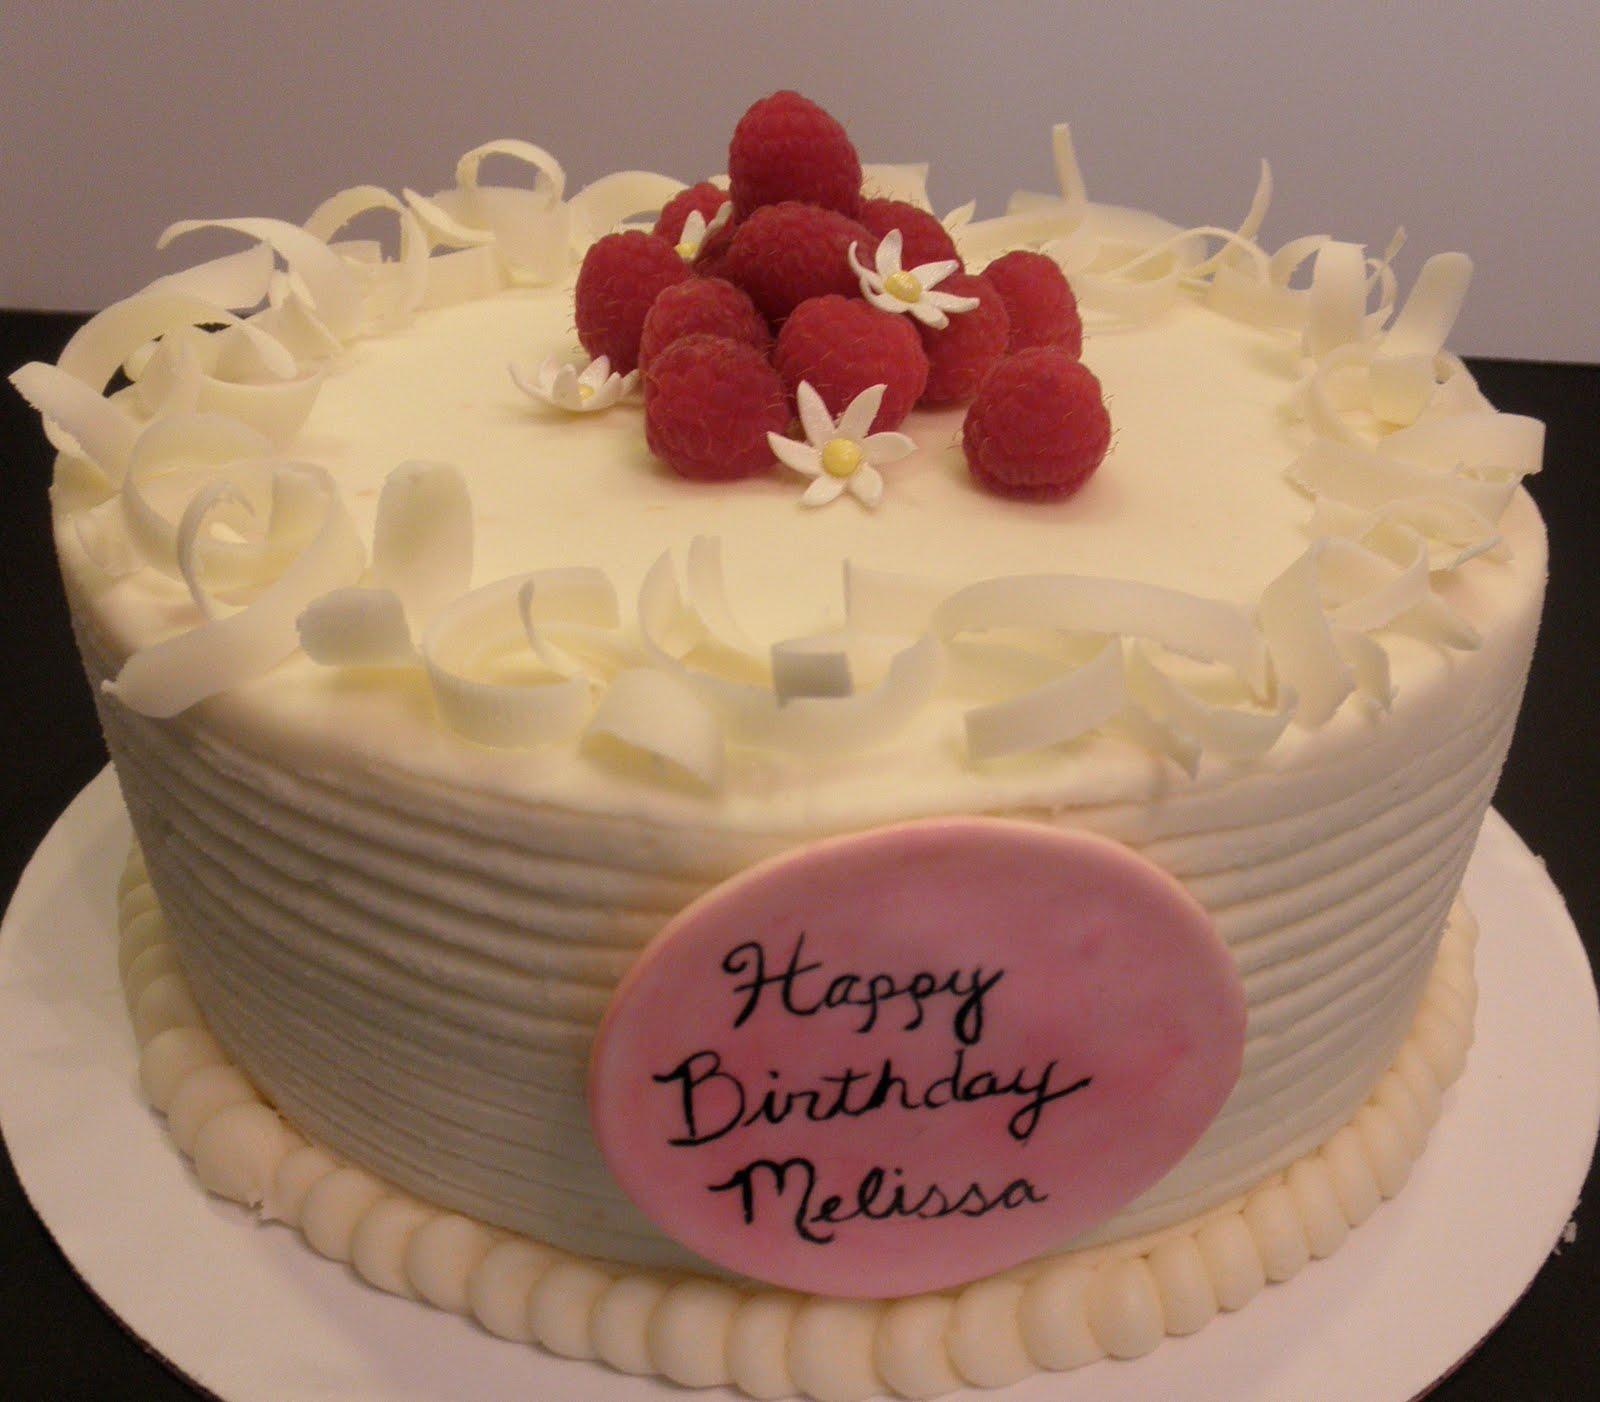 Tremendous 12 Happy Birthday Melissa Designer Cakes Photo Happy Birthday Personalised Birthday Cards Beptaeletsinfo